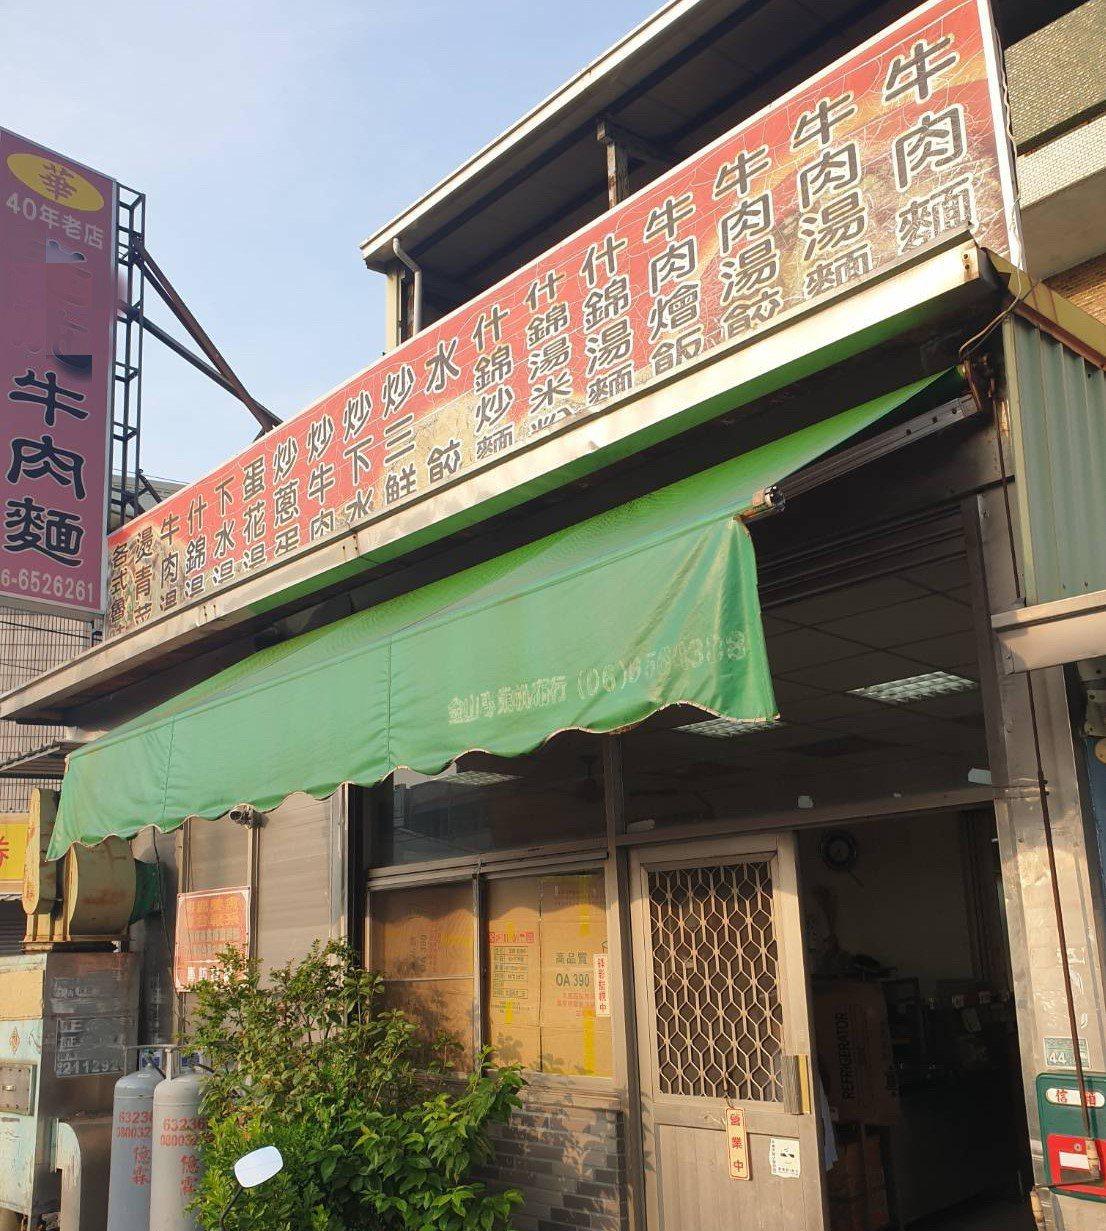 台南新營區太子宮老施牛肉麵老店被顧客投訴,離峰時間前往用餐被多收30元冷氣費。圖...